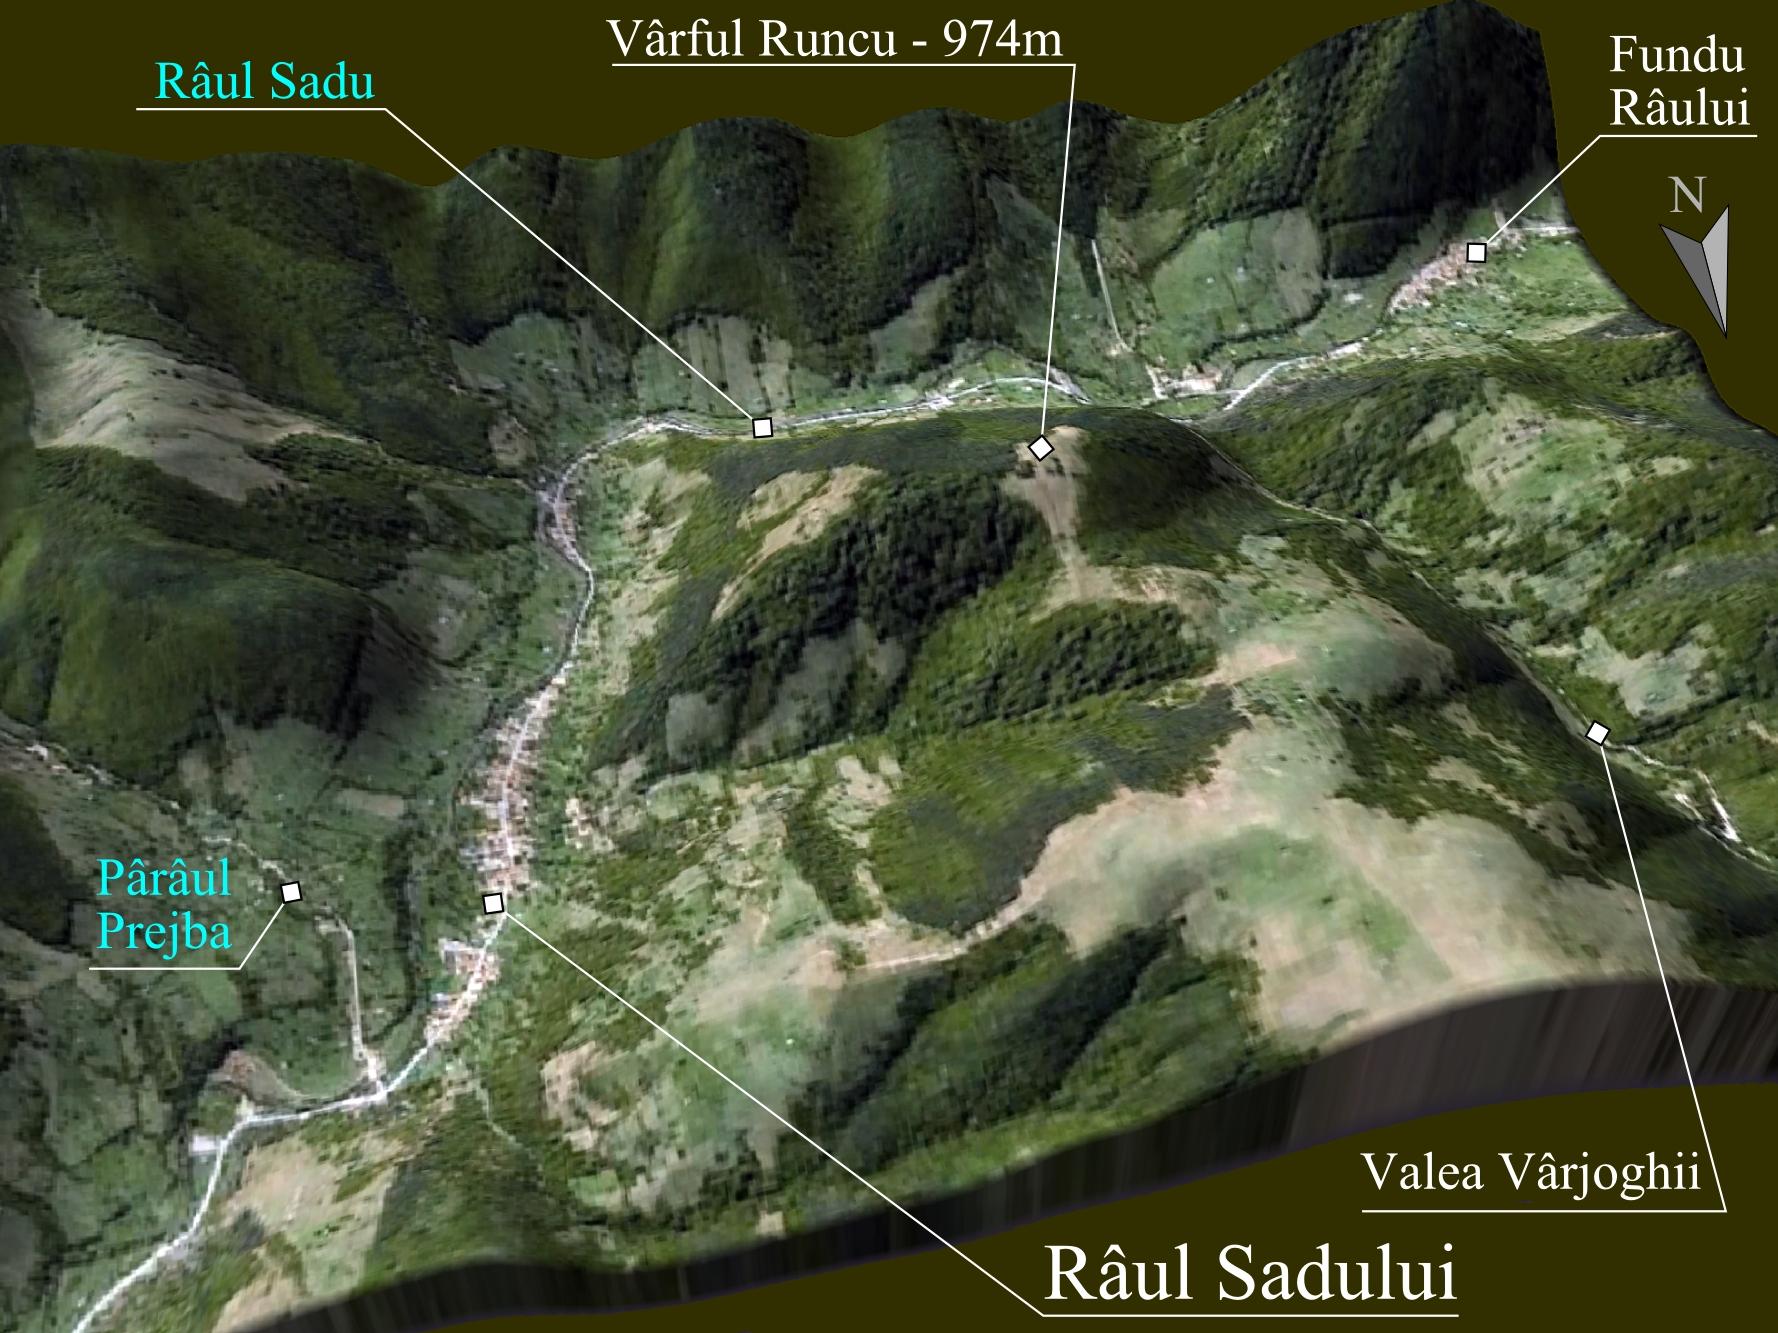 Rau Sadului Sibiu Wikipedia